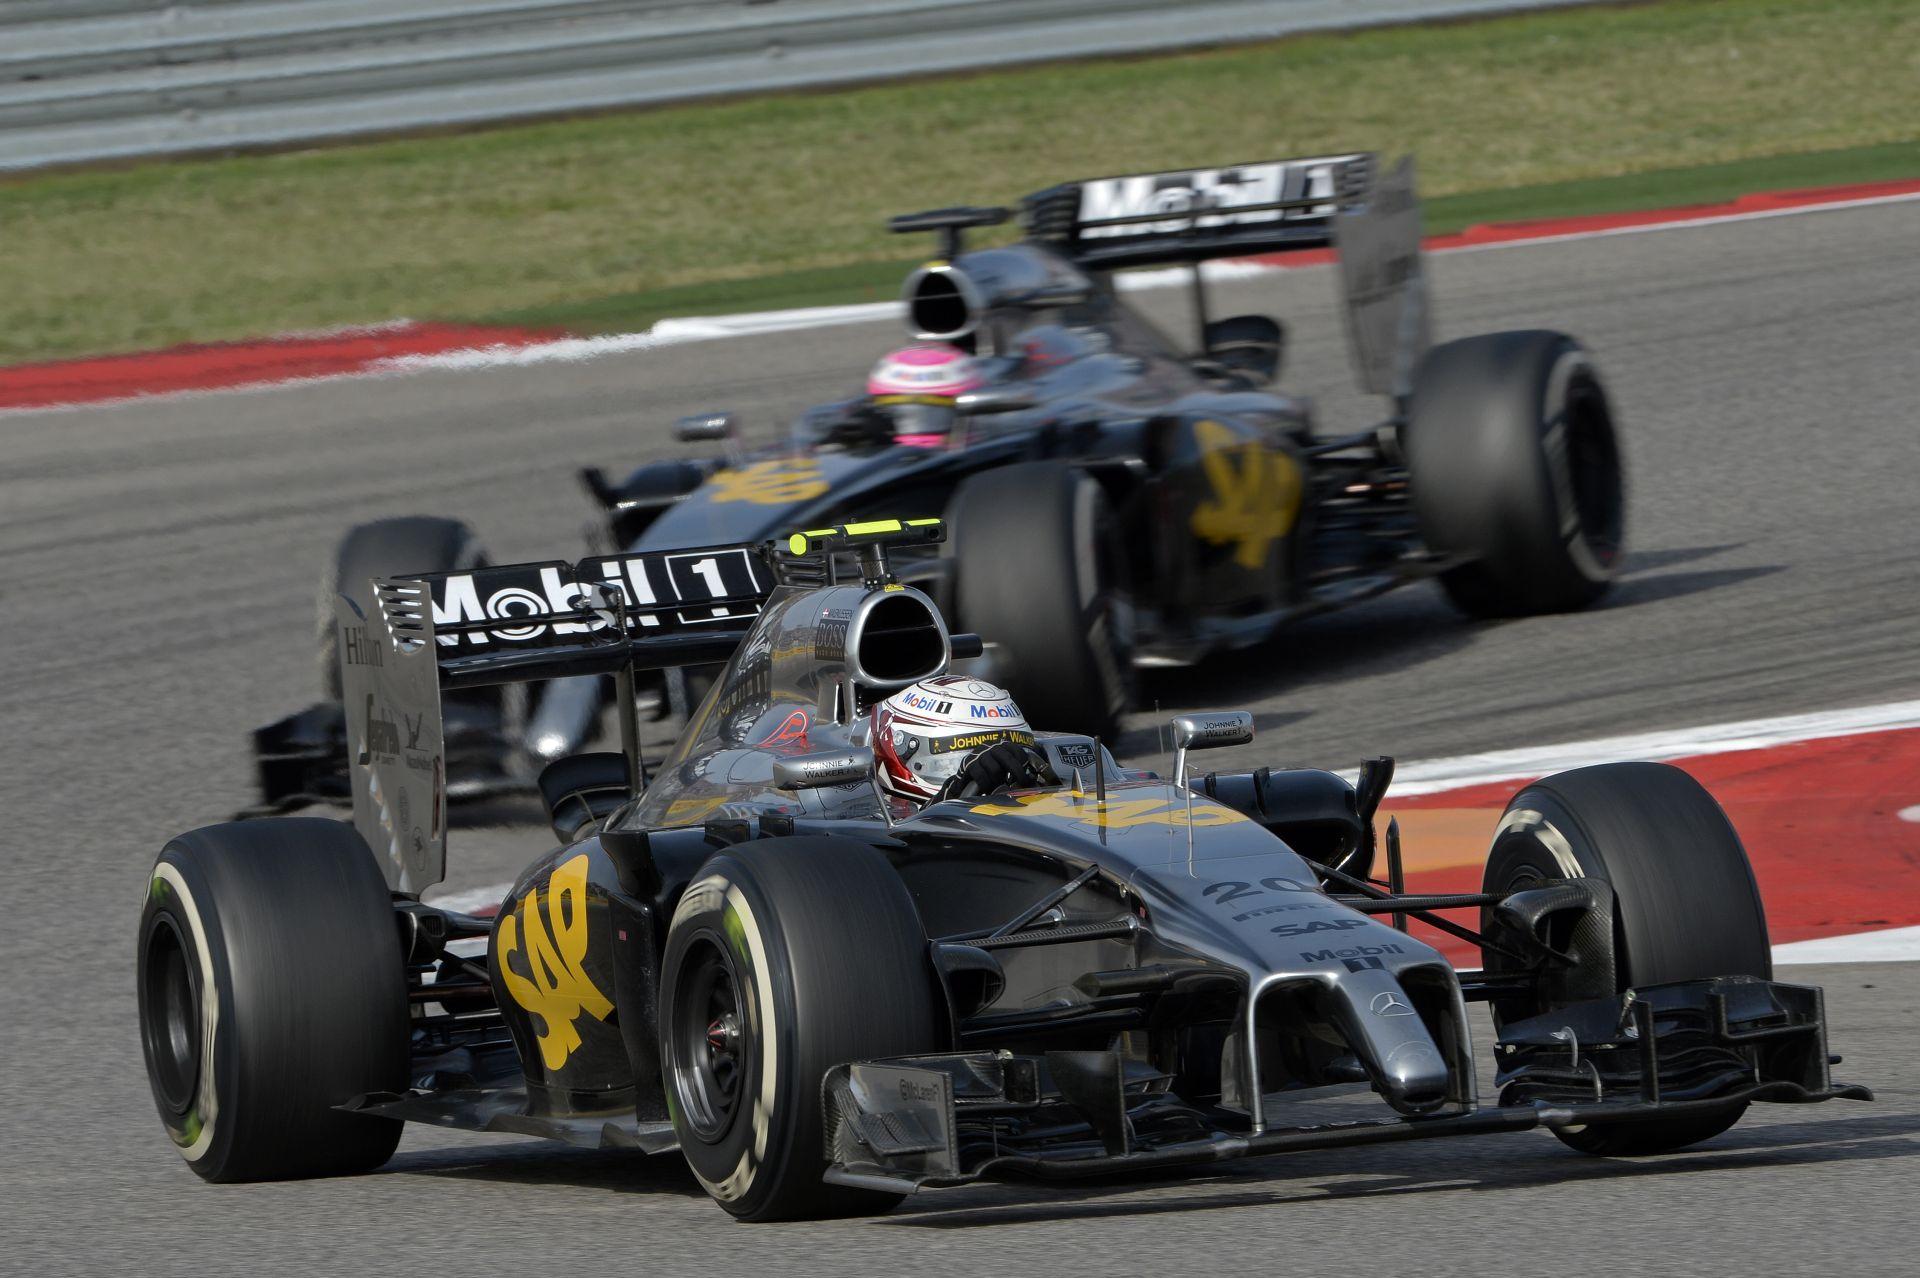 Rendkívül kellemetlen: a McLaren a születésnapján adta ki Magnussen útját